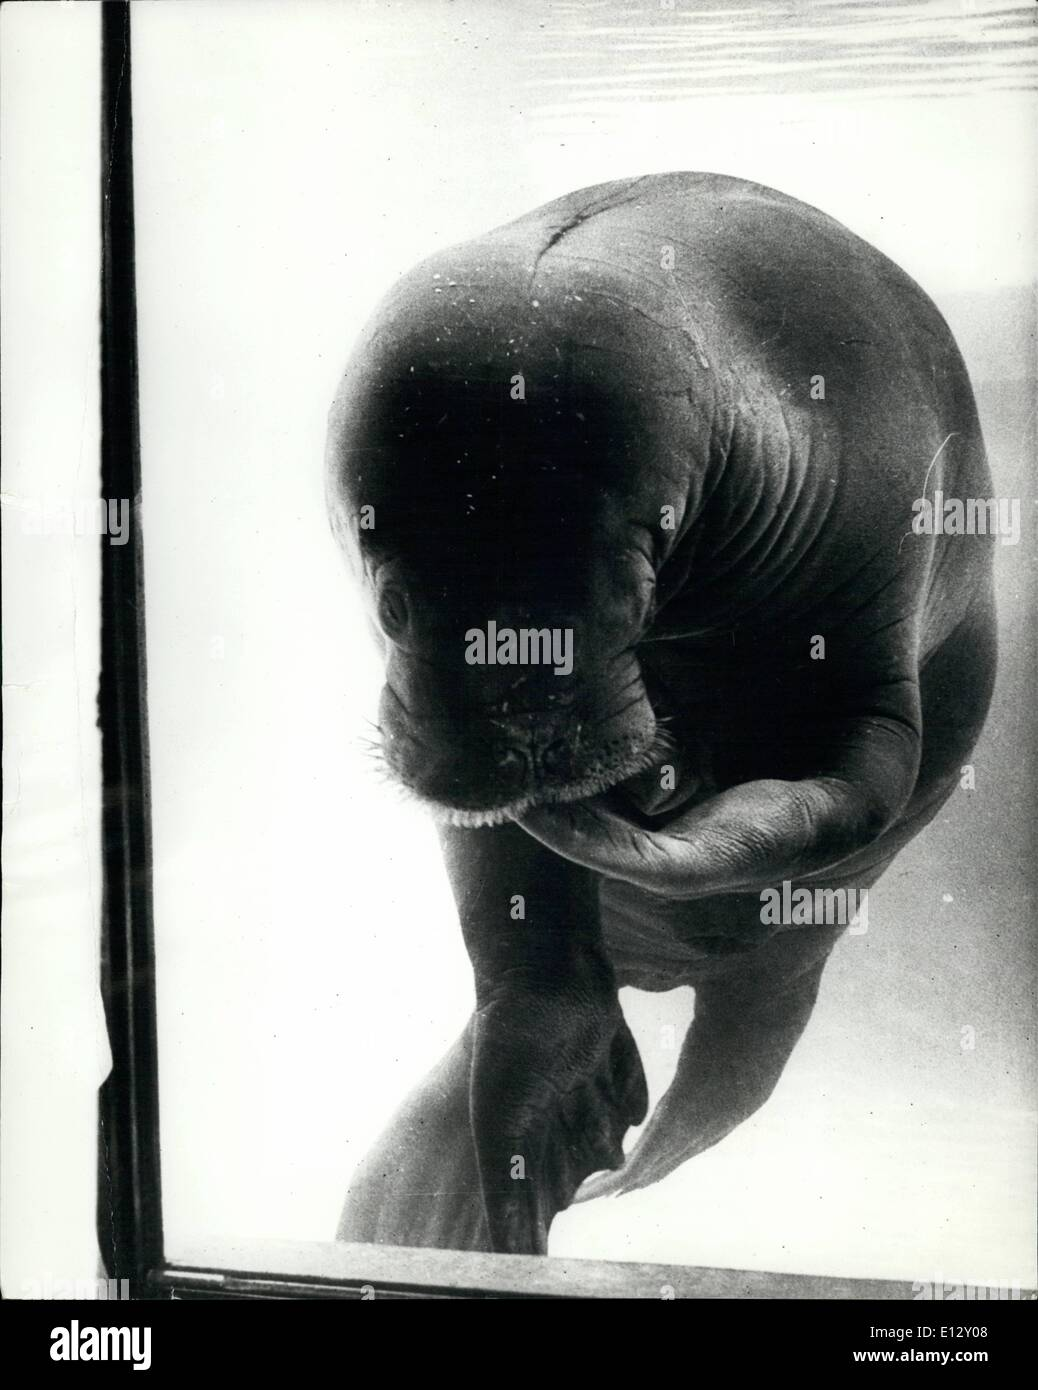 """Febbraio 26, 2012 - lo chiamano schivo. Timida ans timido, Woofy ha guadagnato il nome 'schivo"""" nella sua casa a Marineland, California. Uno dei quattro trichechi il 2.700 lb. mammifero è visto qui a malincuore in posa per questa immagine. È sempre possibile sapere quando Woofy è imbarazzato - egli aspira la sua pinna! Mostra fotografica di:- Dashful Woofy il tricheco a malincuore pone nel suo aquarium serbatoio a Marineland, California. Immagini Stock"""